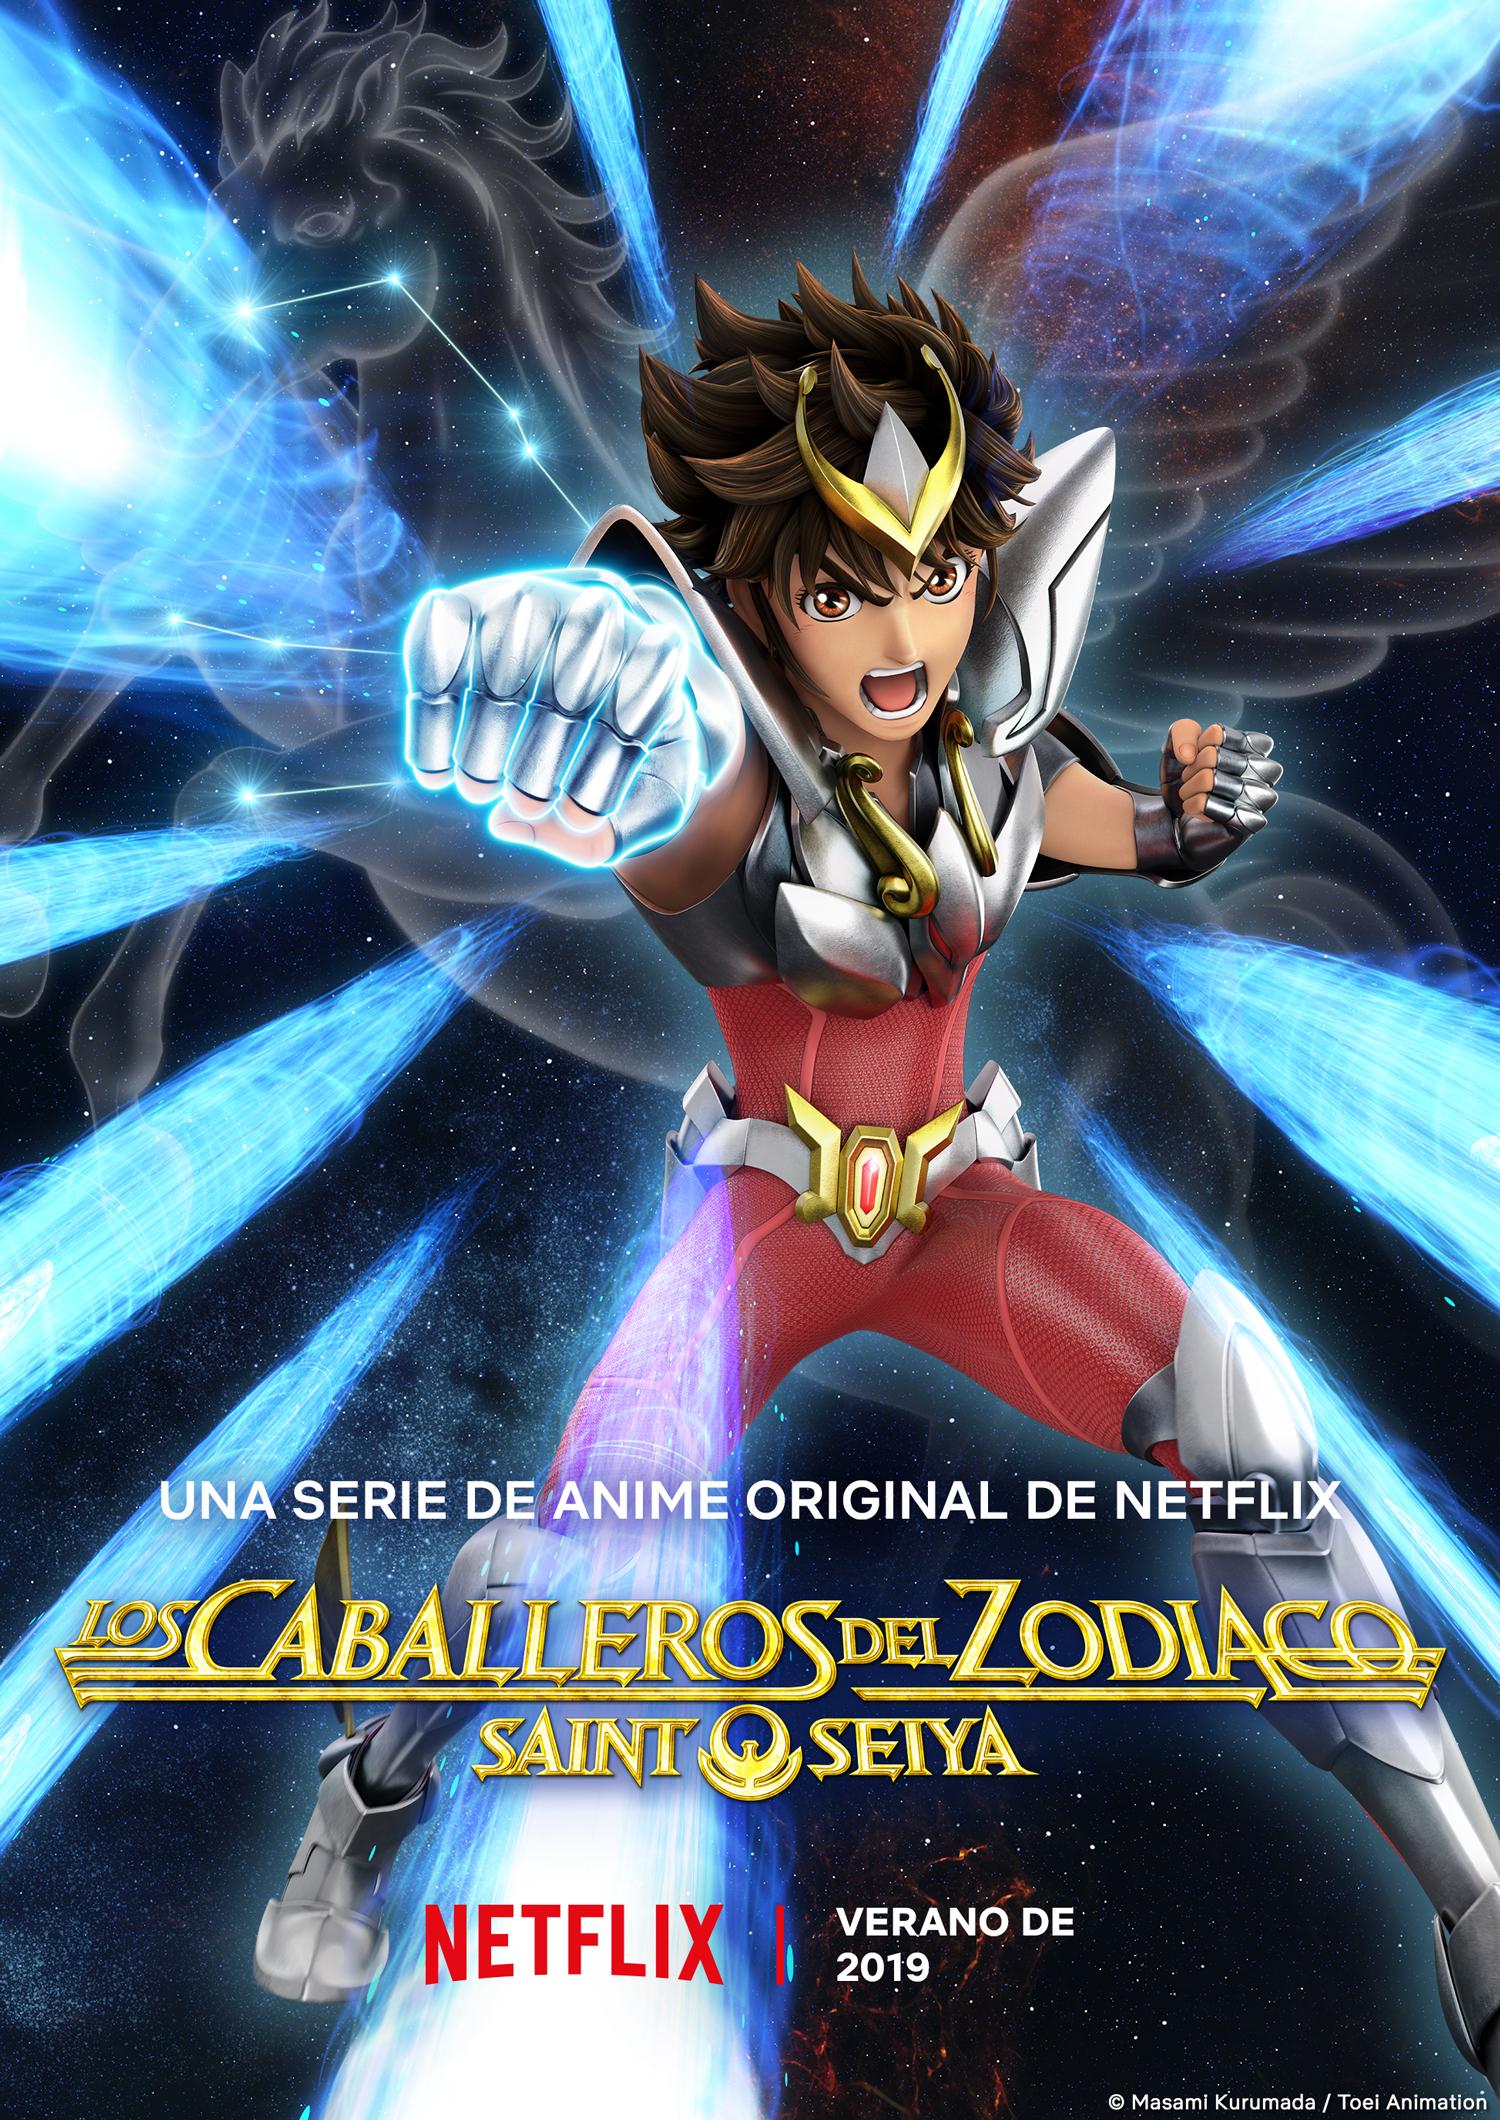 ¡Saint Seiya! Netflix anuncia los estrenos de animes para 2019